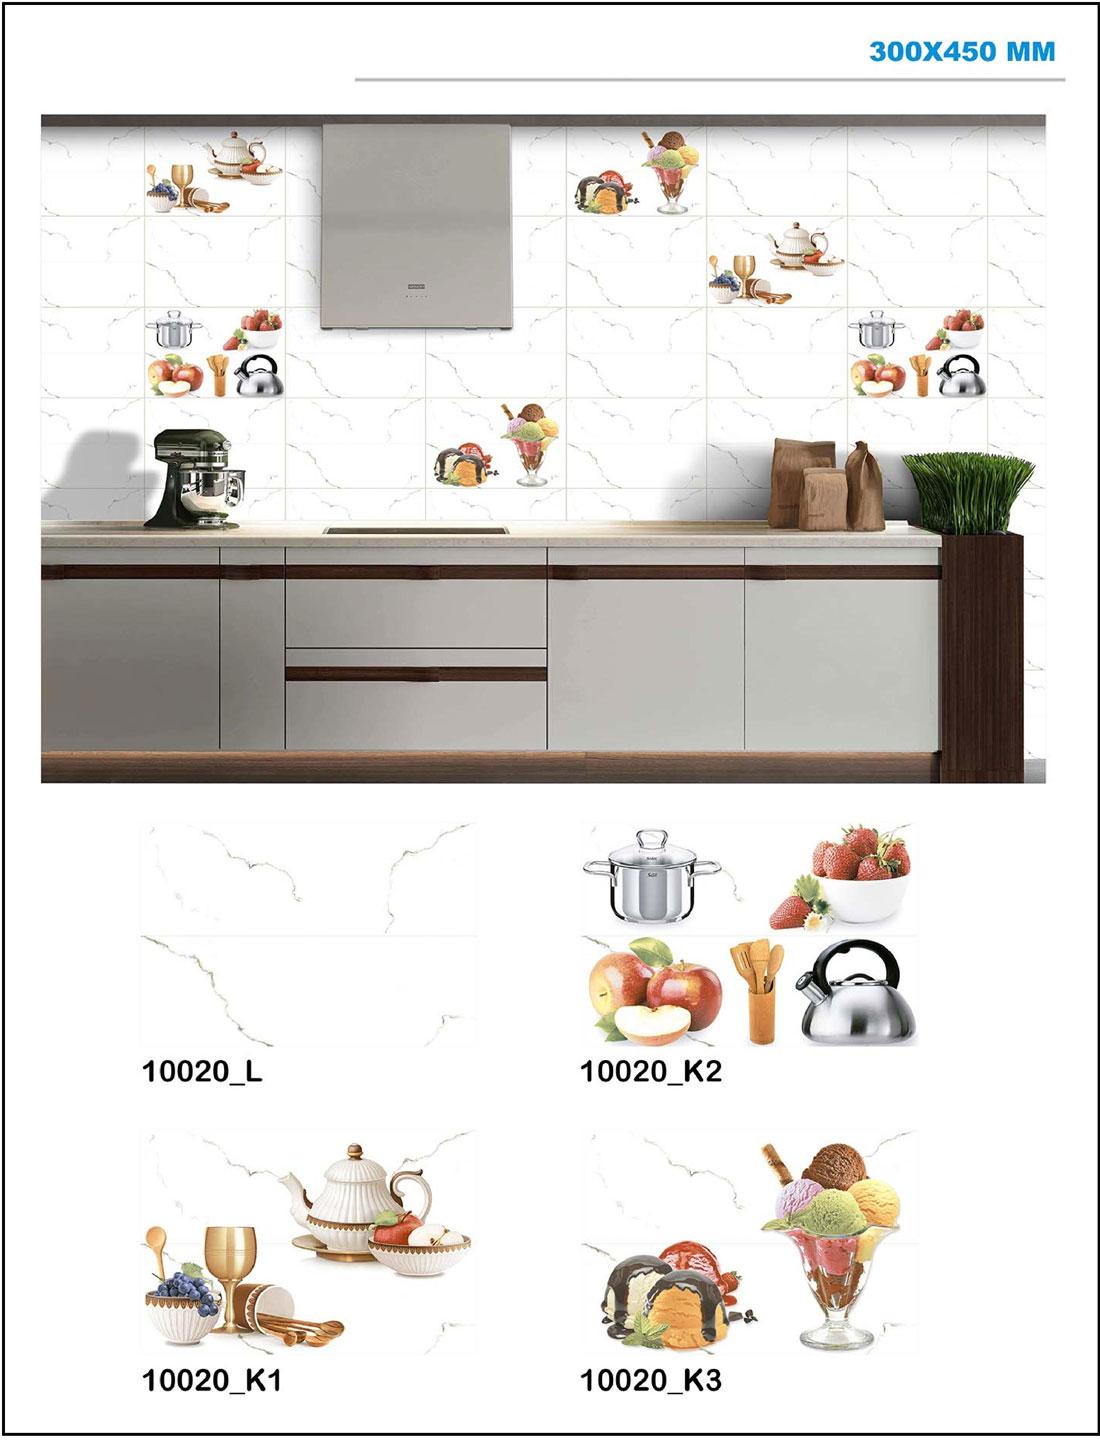 Tiles for Kitchen | Kitchen Tiles | Kitchen Tiles Wall | Floor Tiles Kitchen